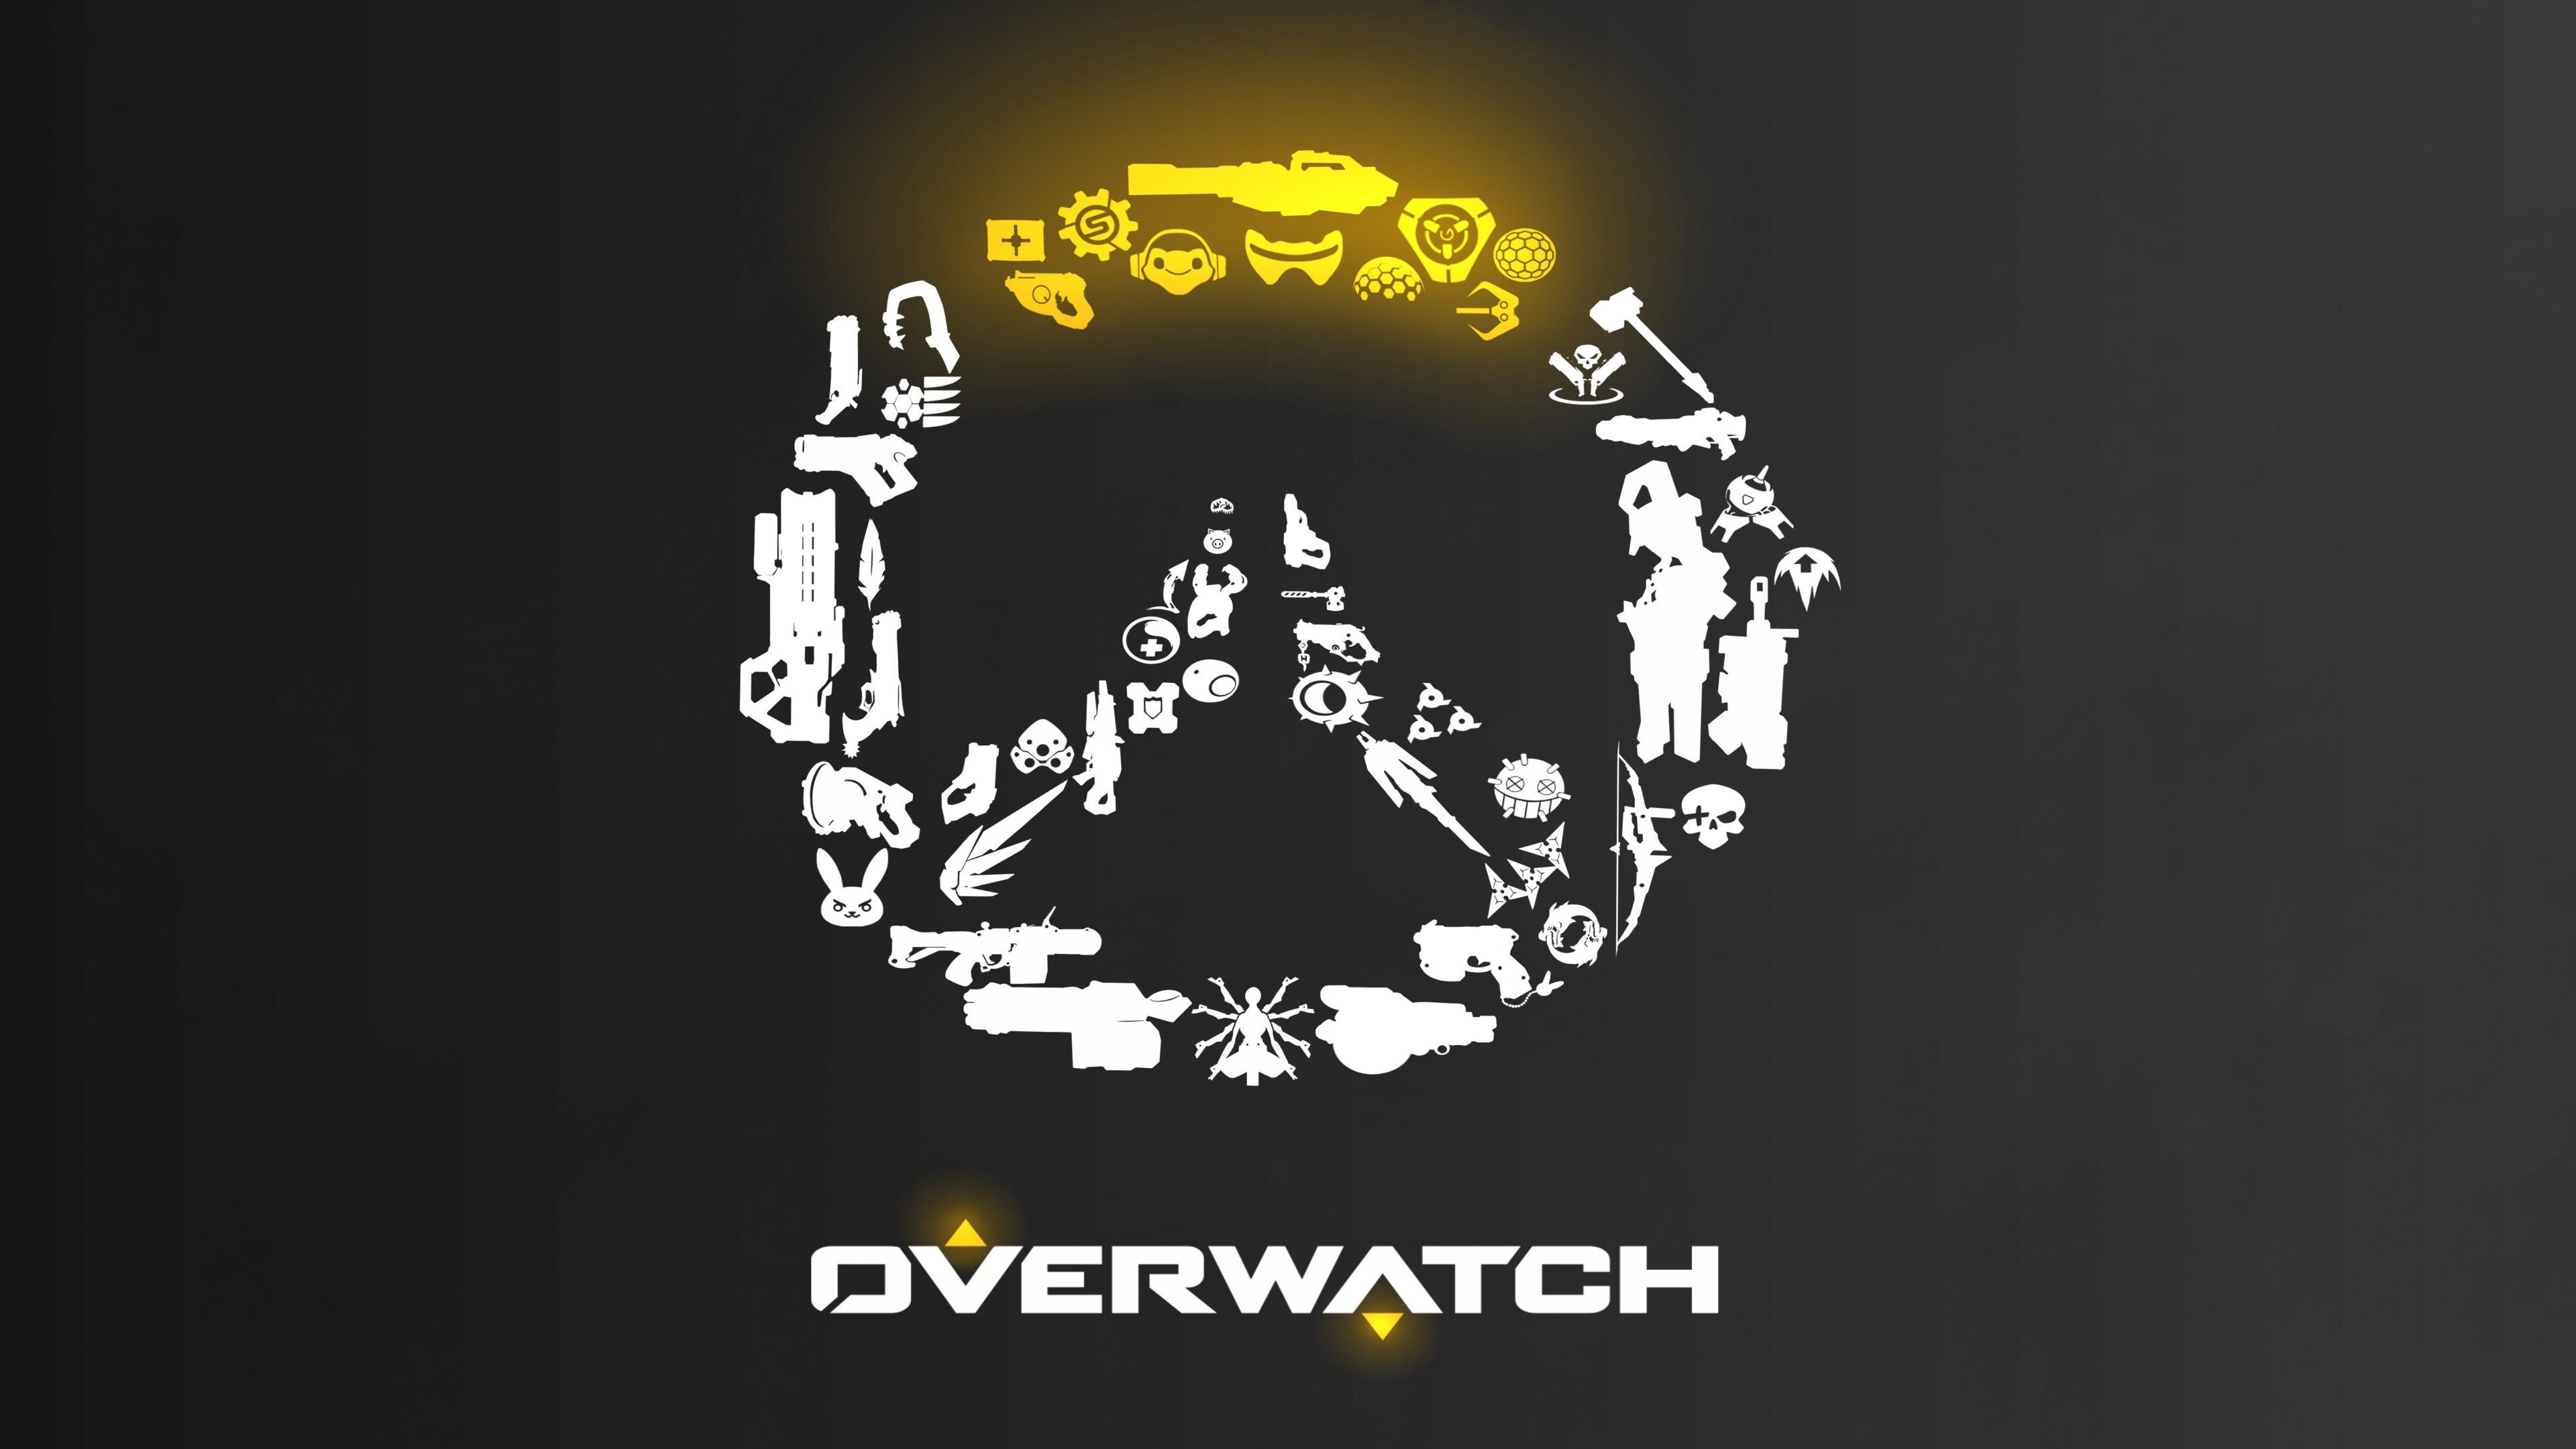 Overwatch Weapons Logo 4k Ultra Hd обои фон 3840x2160